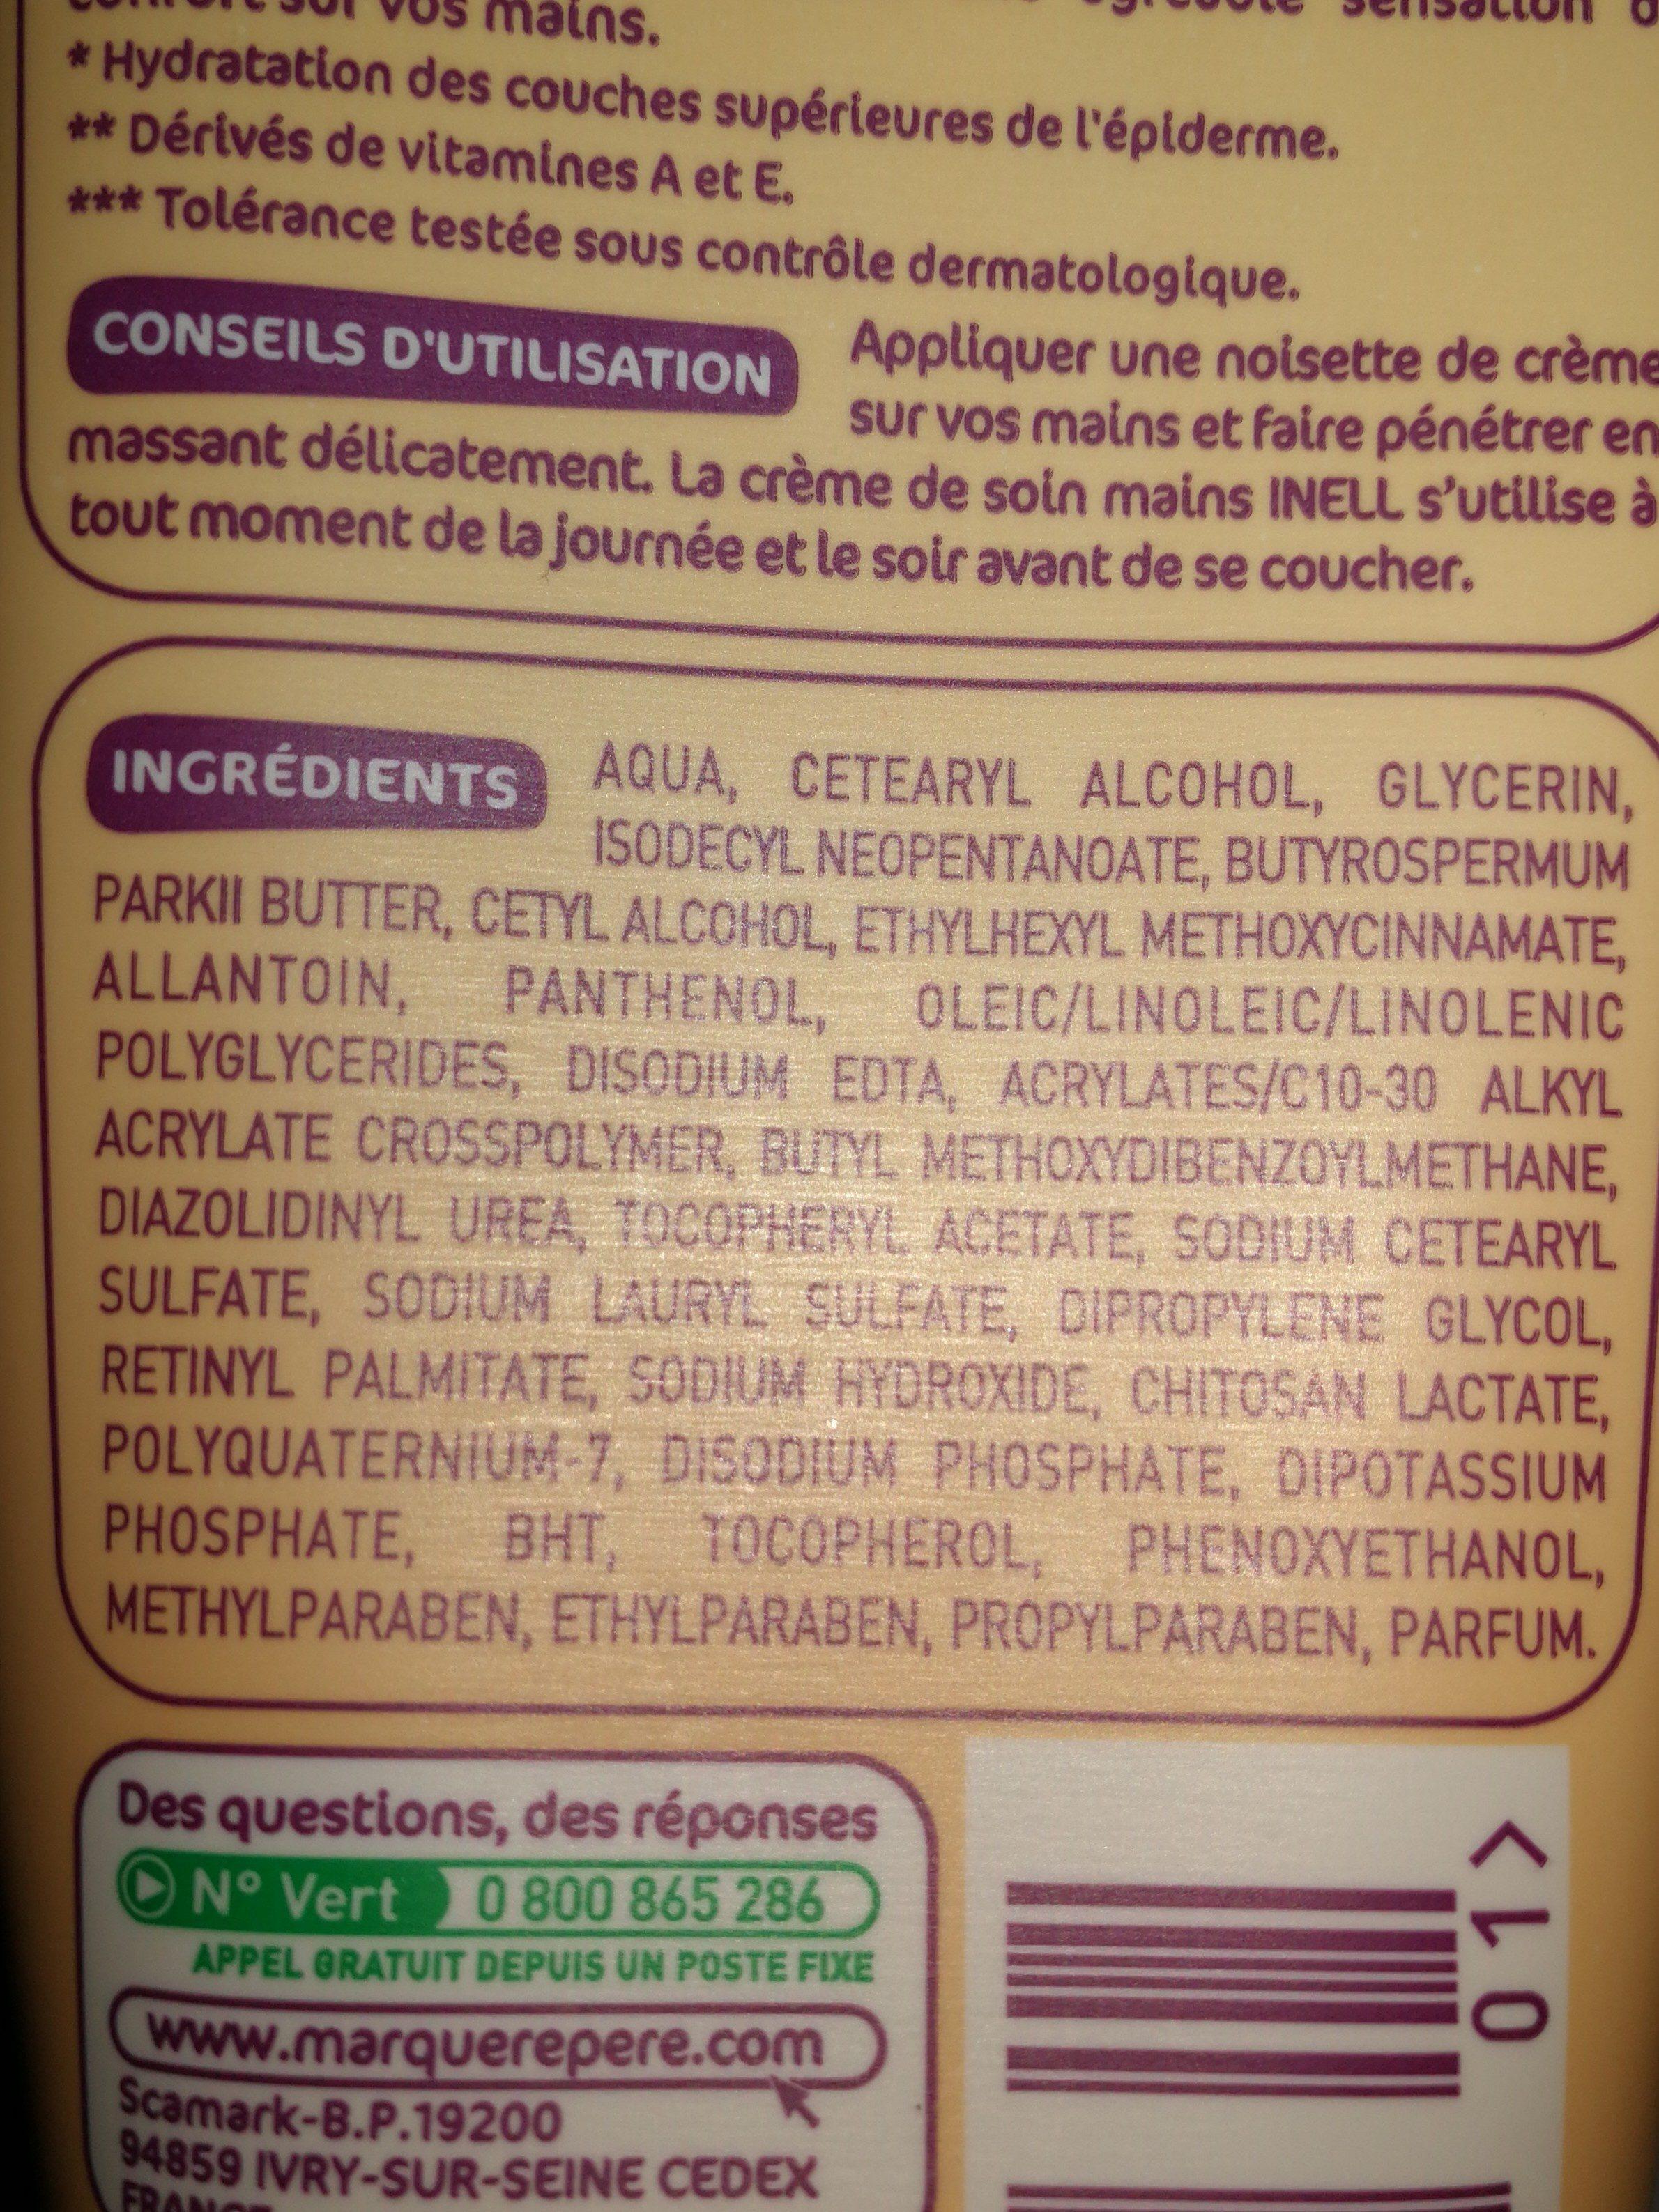 Crème de soin Mains peaux sèches - Ingrédients